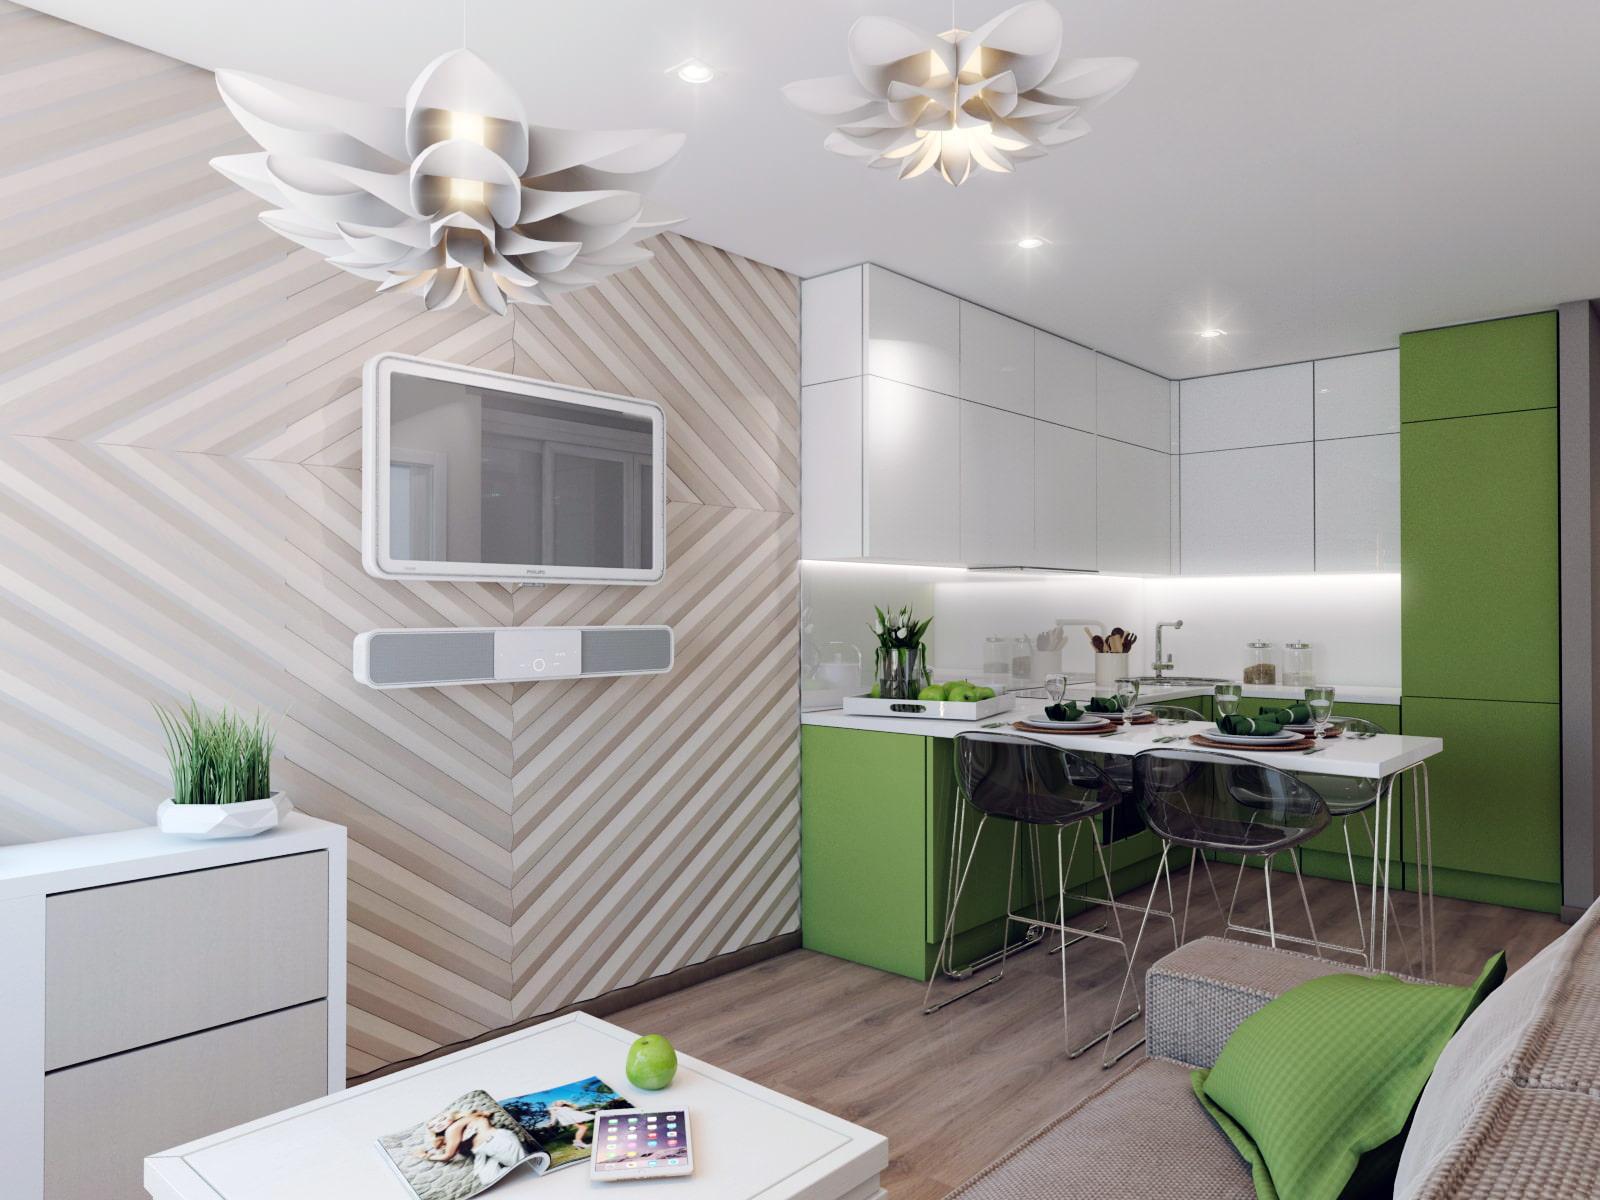 кухня-гостиная дизайн фото 18 кв.м